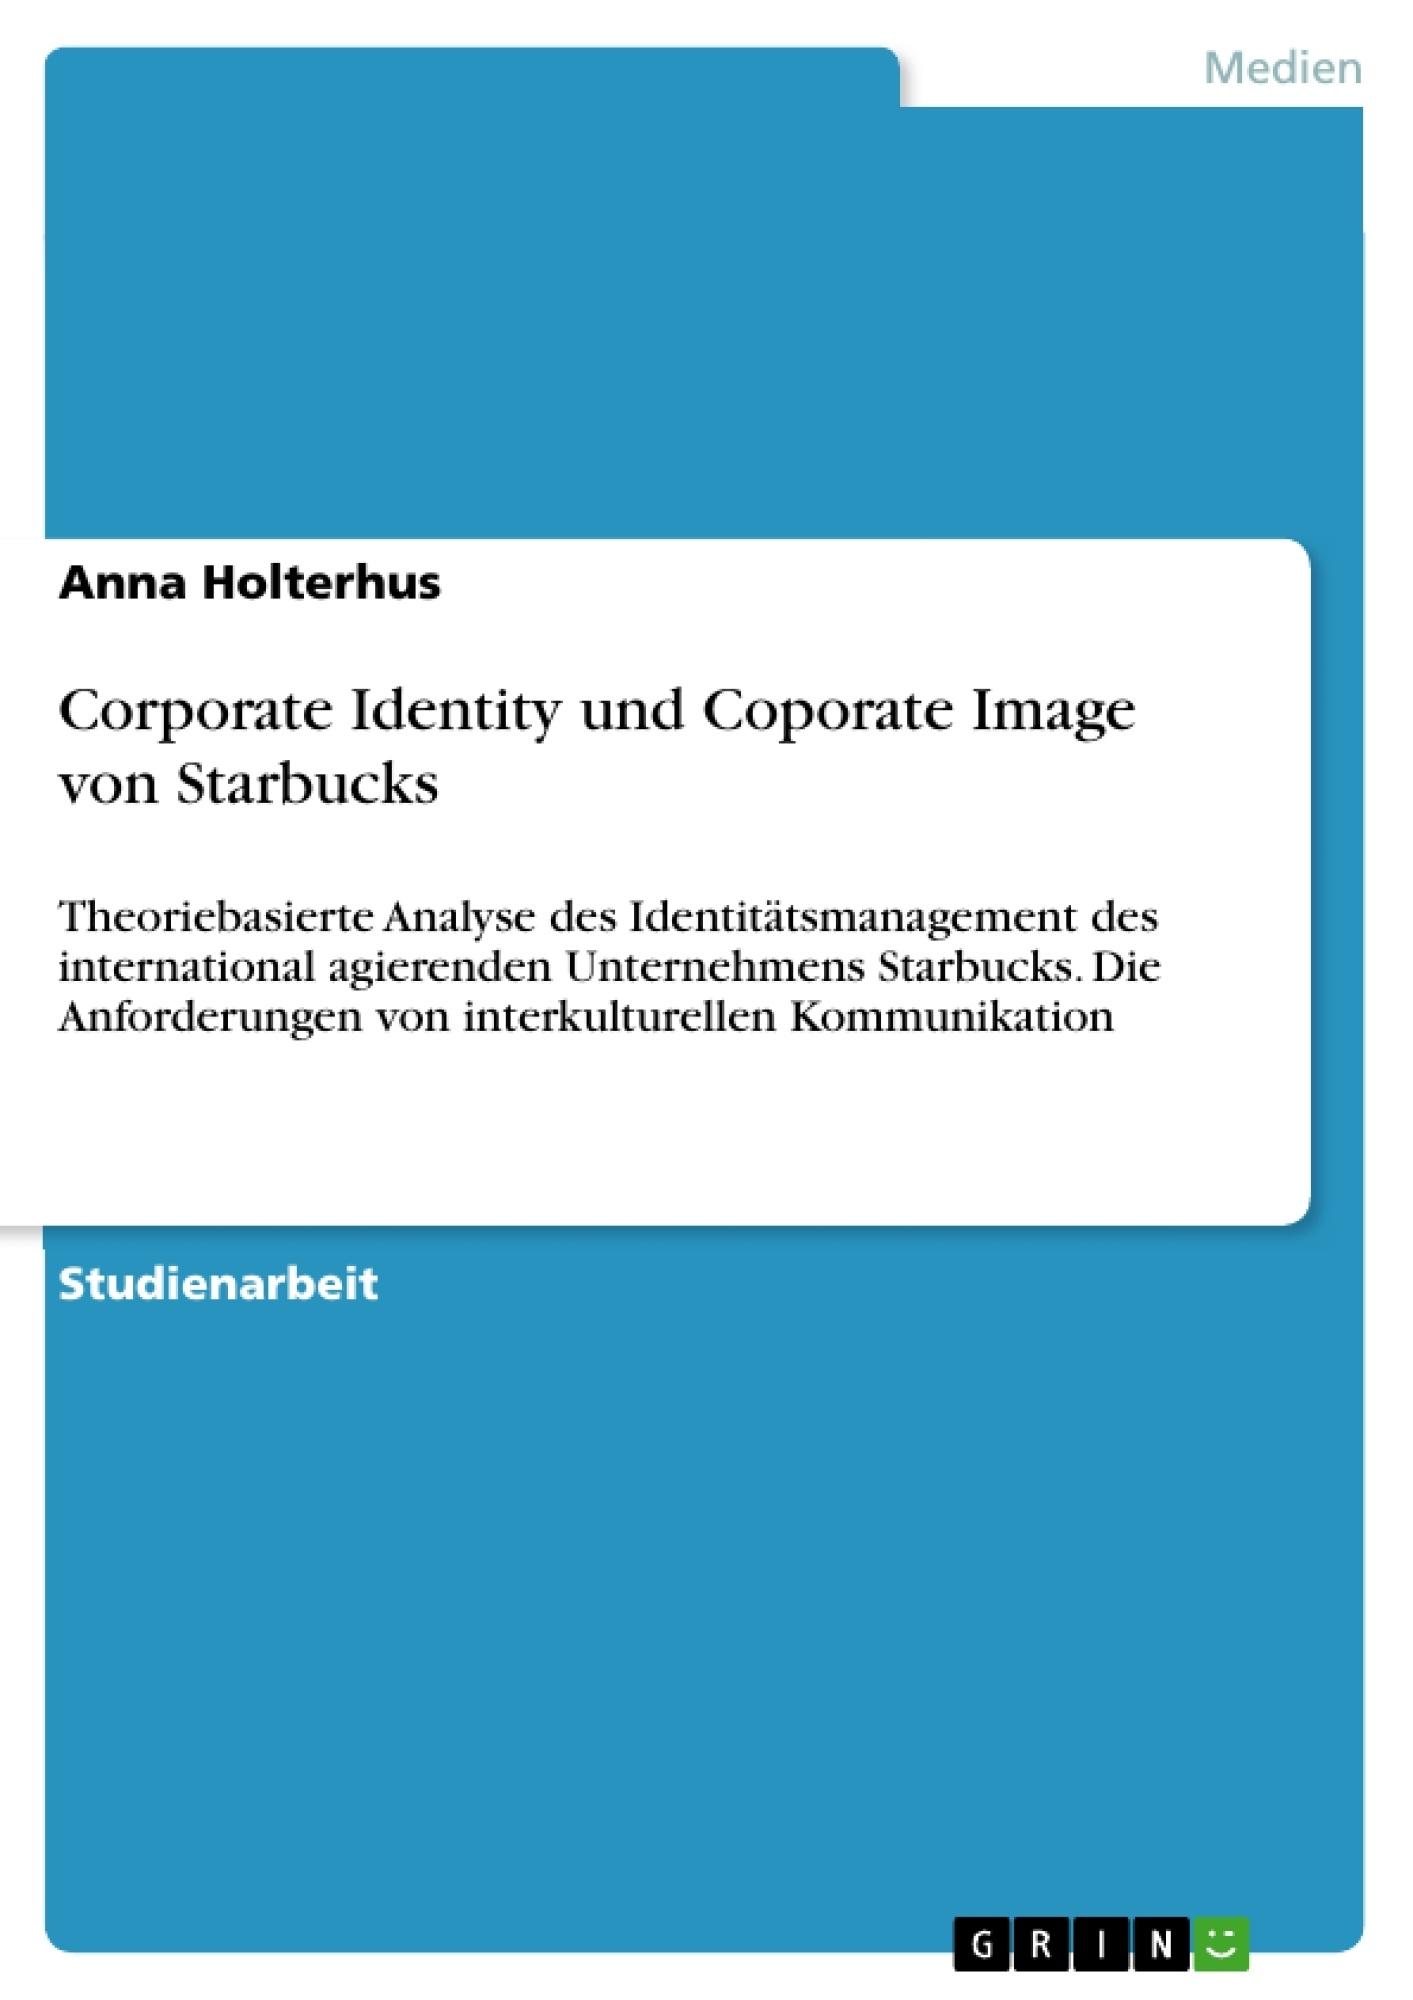 Titel: Corporate Identity und Coporate Image von Starbucks